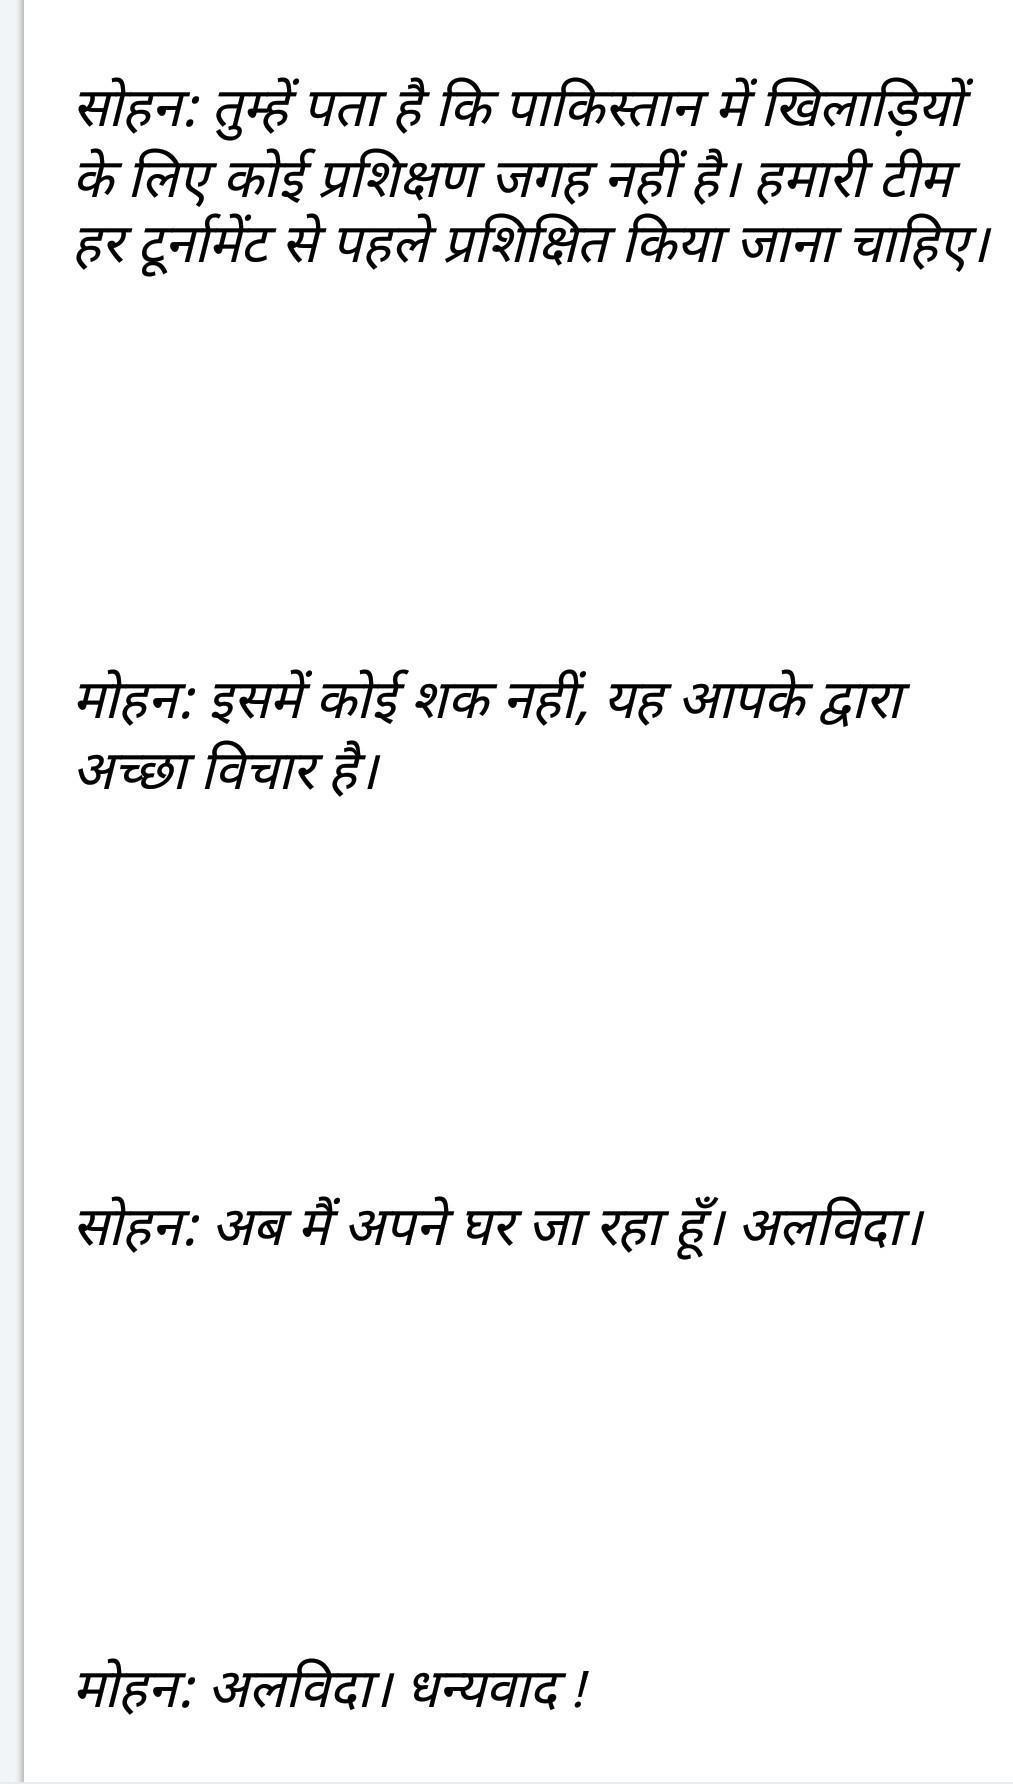 do Mitro ke beech Kisi Ek Khel ko Lekar samvad Hindi mai - Brainly in